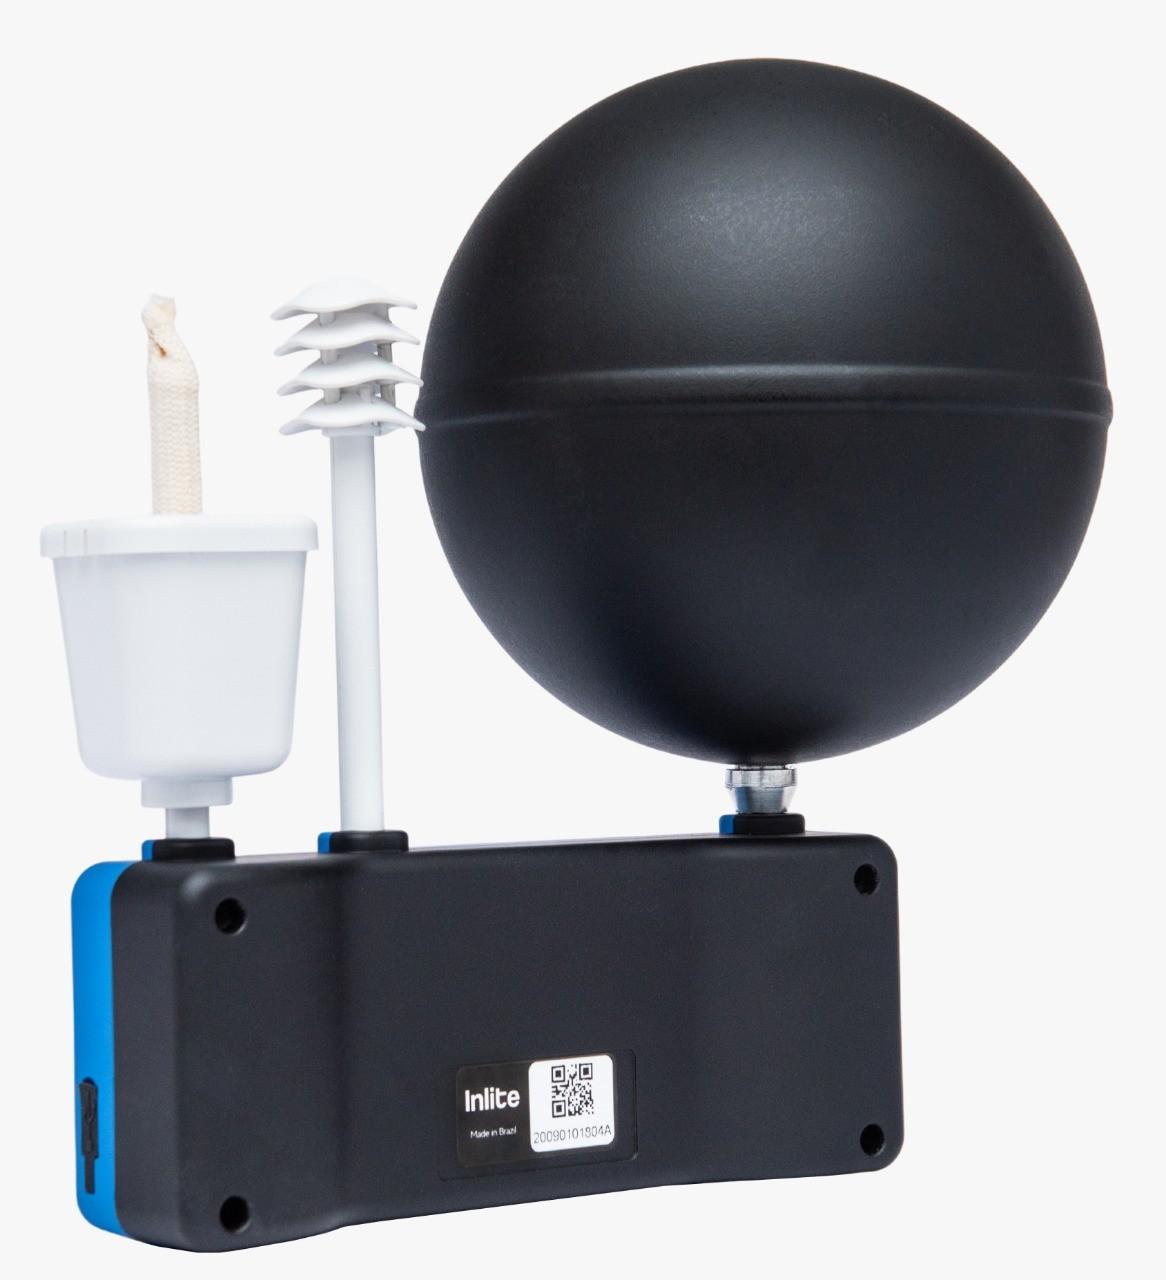 Itemp Termômetro de Globo digital com datalogger - IBUTG com certificado de calibração  - Instrubras Instrumentos de Medição